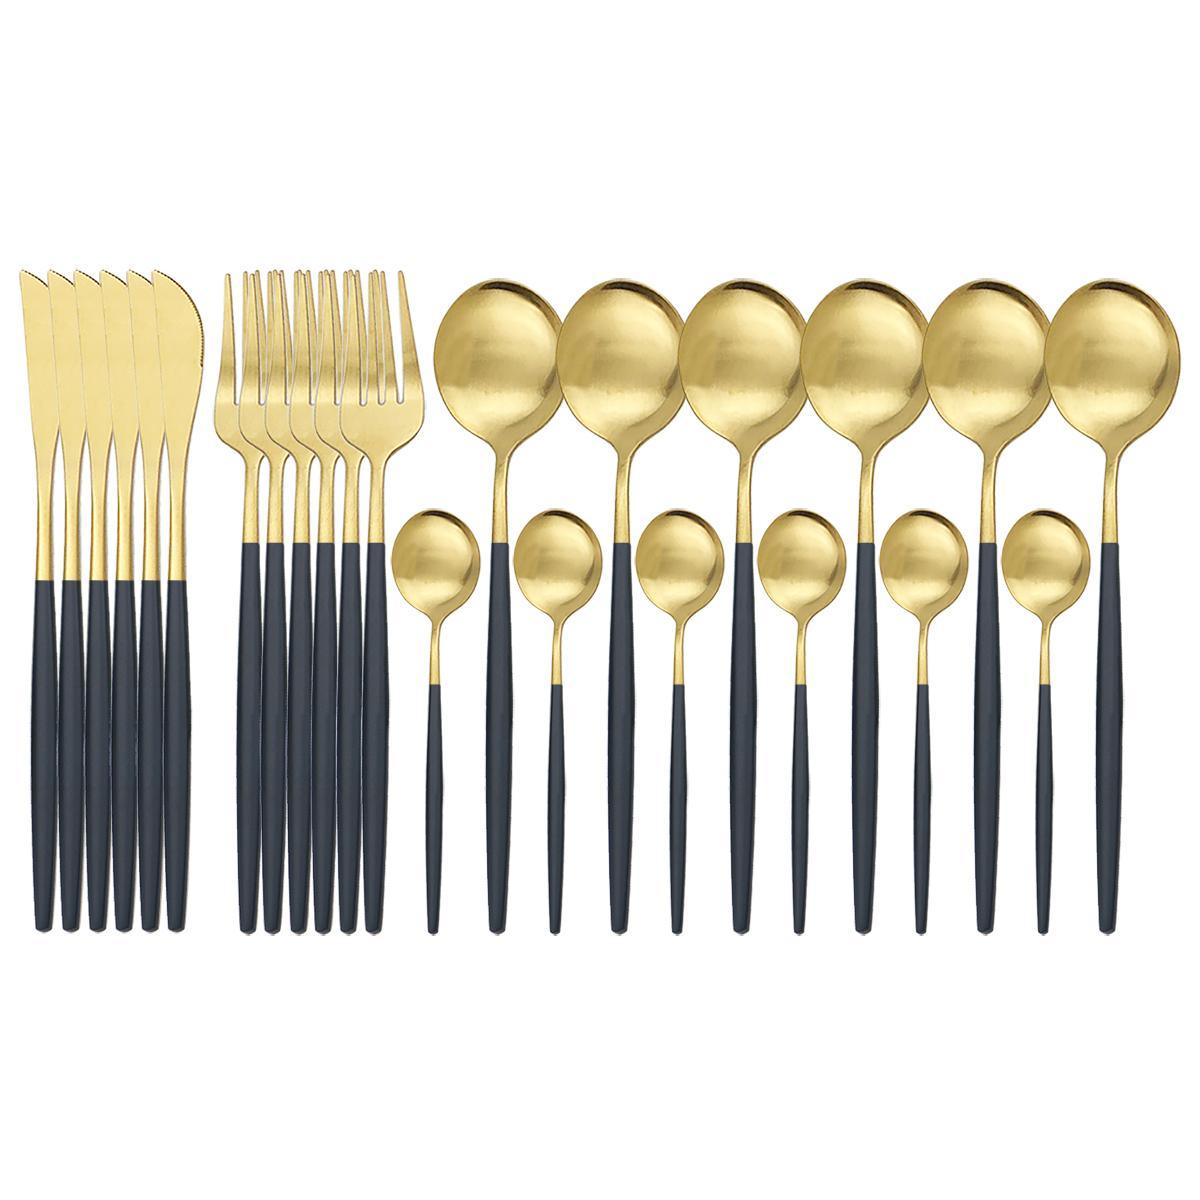 24 adet Mat Siyah Altın Çatal Seti 304 Paslanmaz Çelik Yemek Seti Bıçak Çatal Kaşık Silverware Set Mutfak Sofra Takımı Z1202